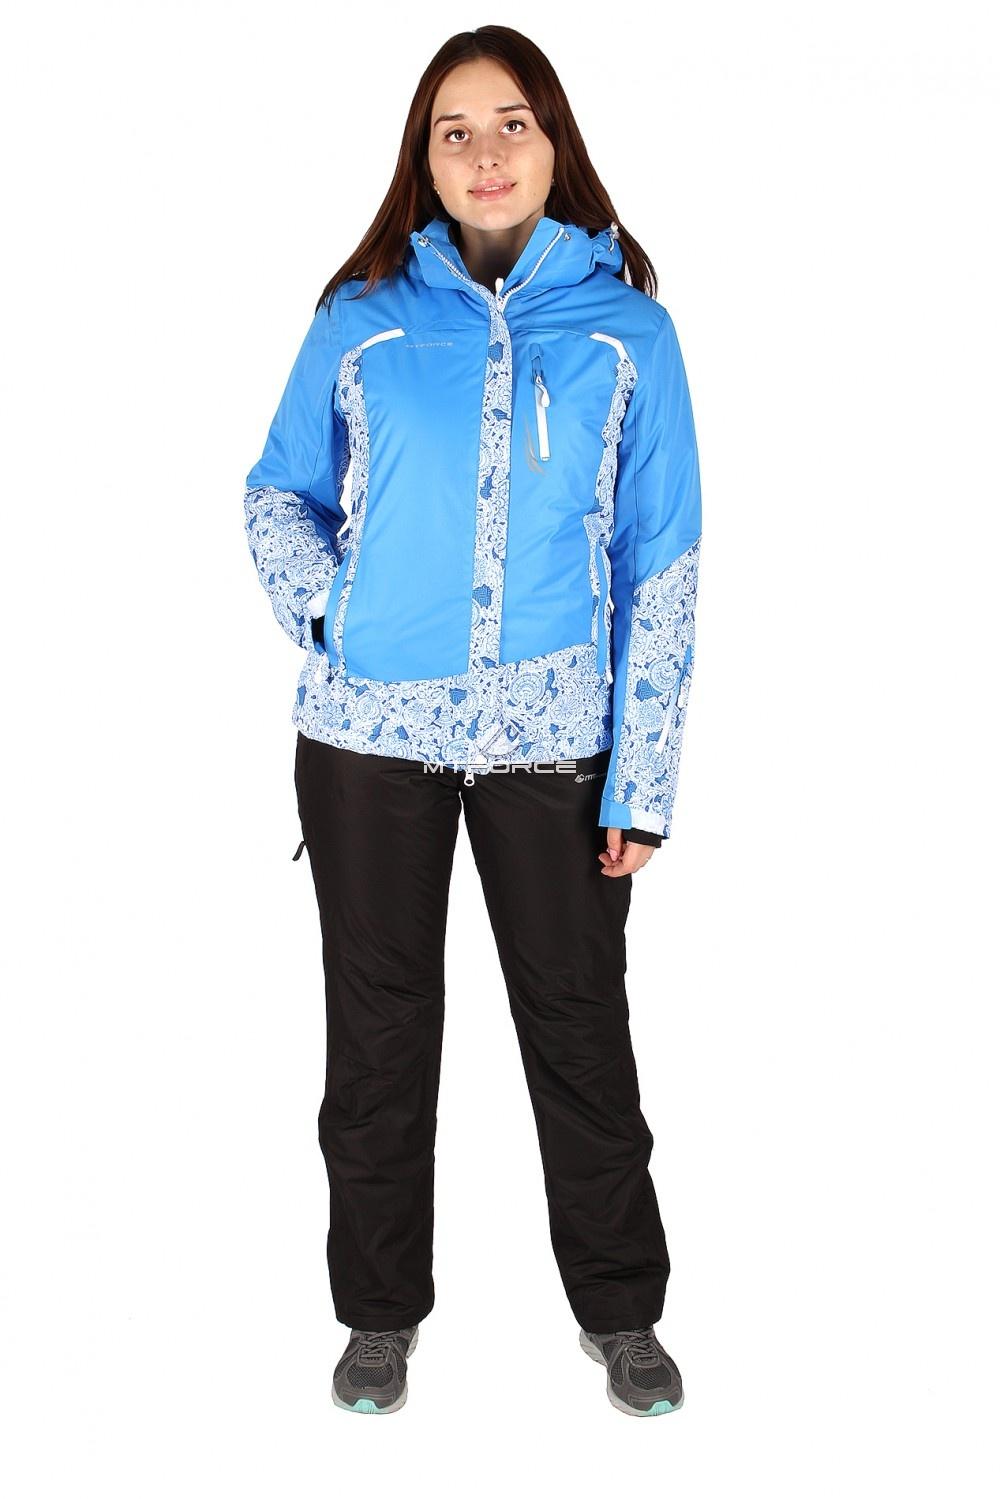 Купить                                  оптом Костюм горнолыжный женский синего цвета 01522S